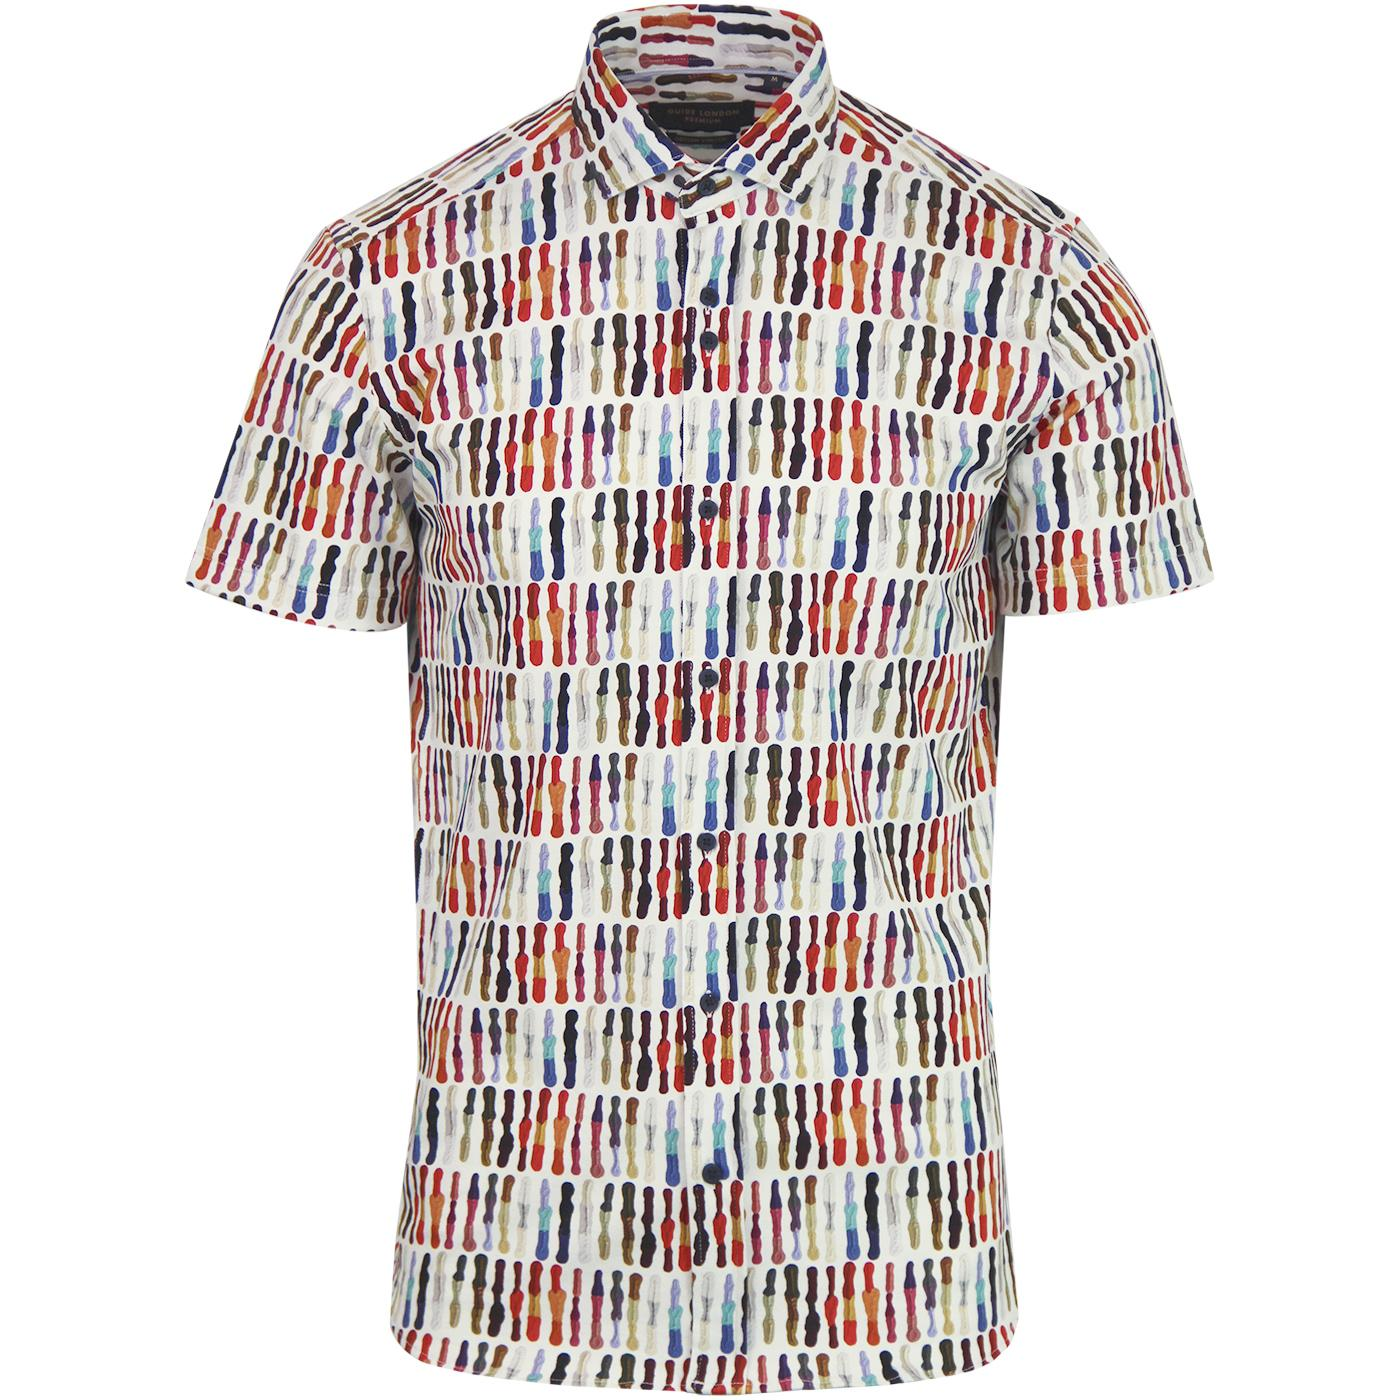 GUIDE LONDON 60s Mod Paint Palette Textured Shirt